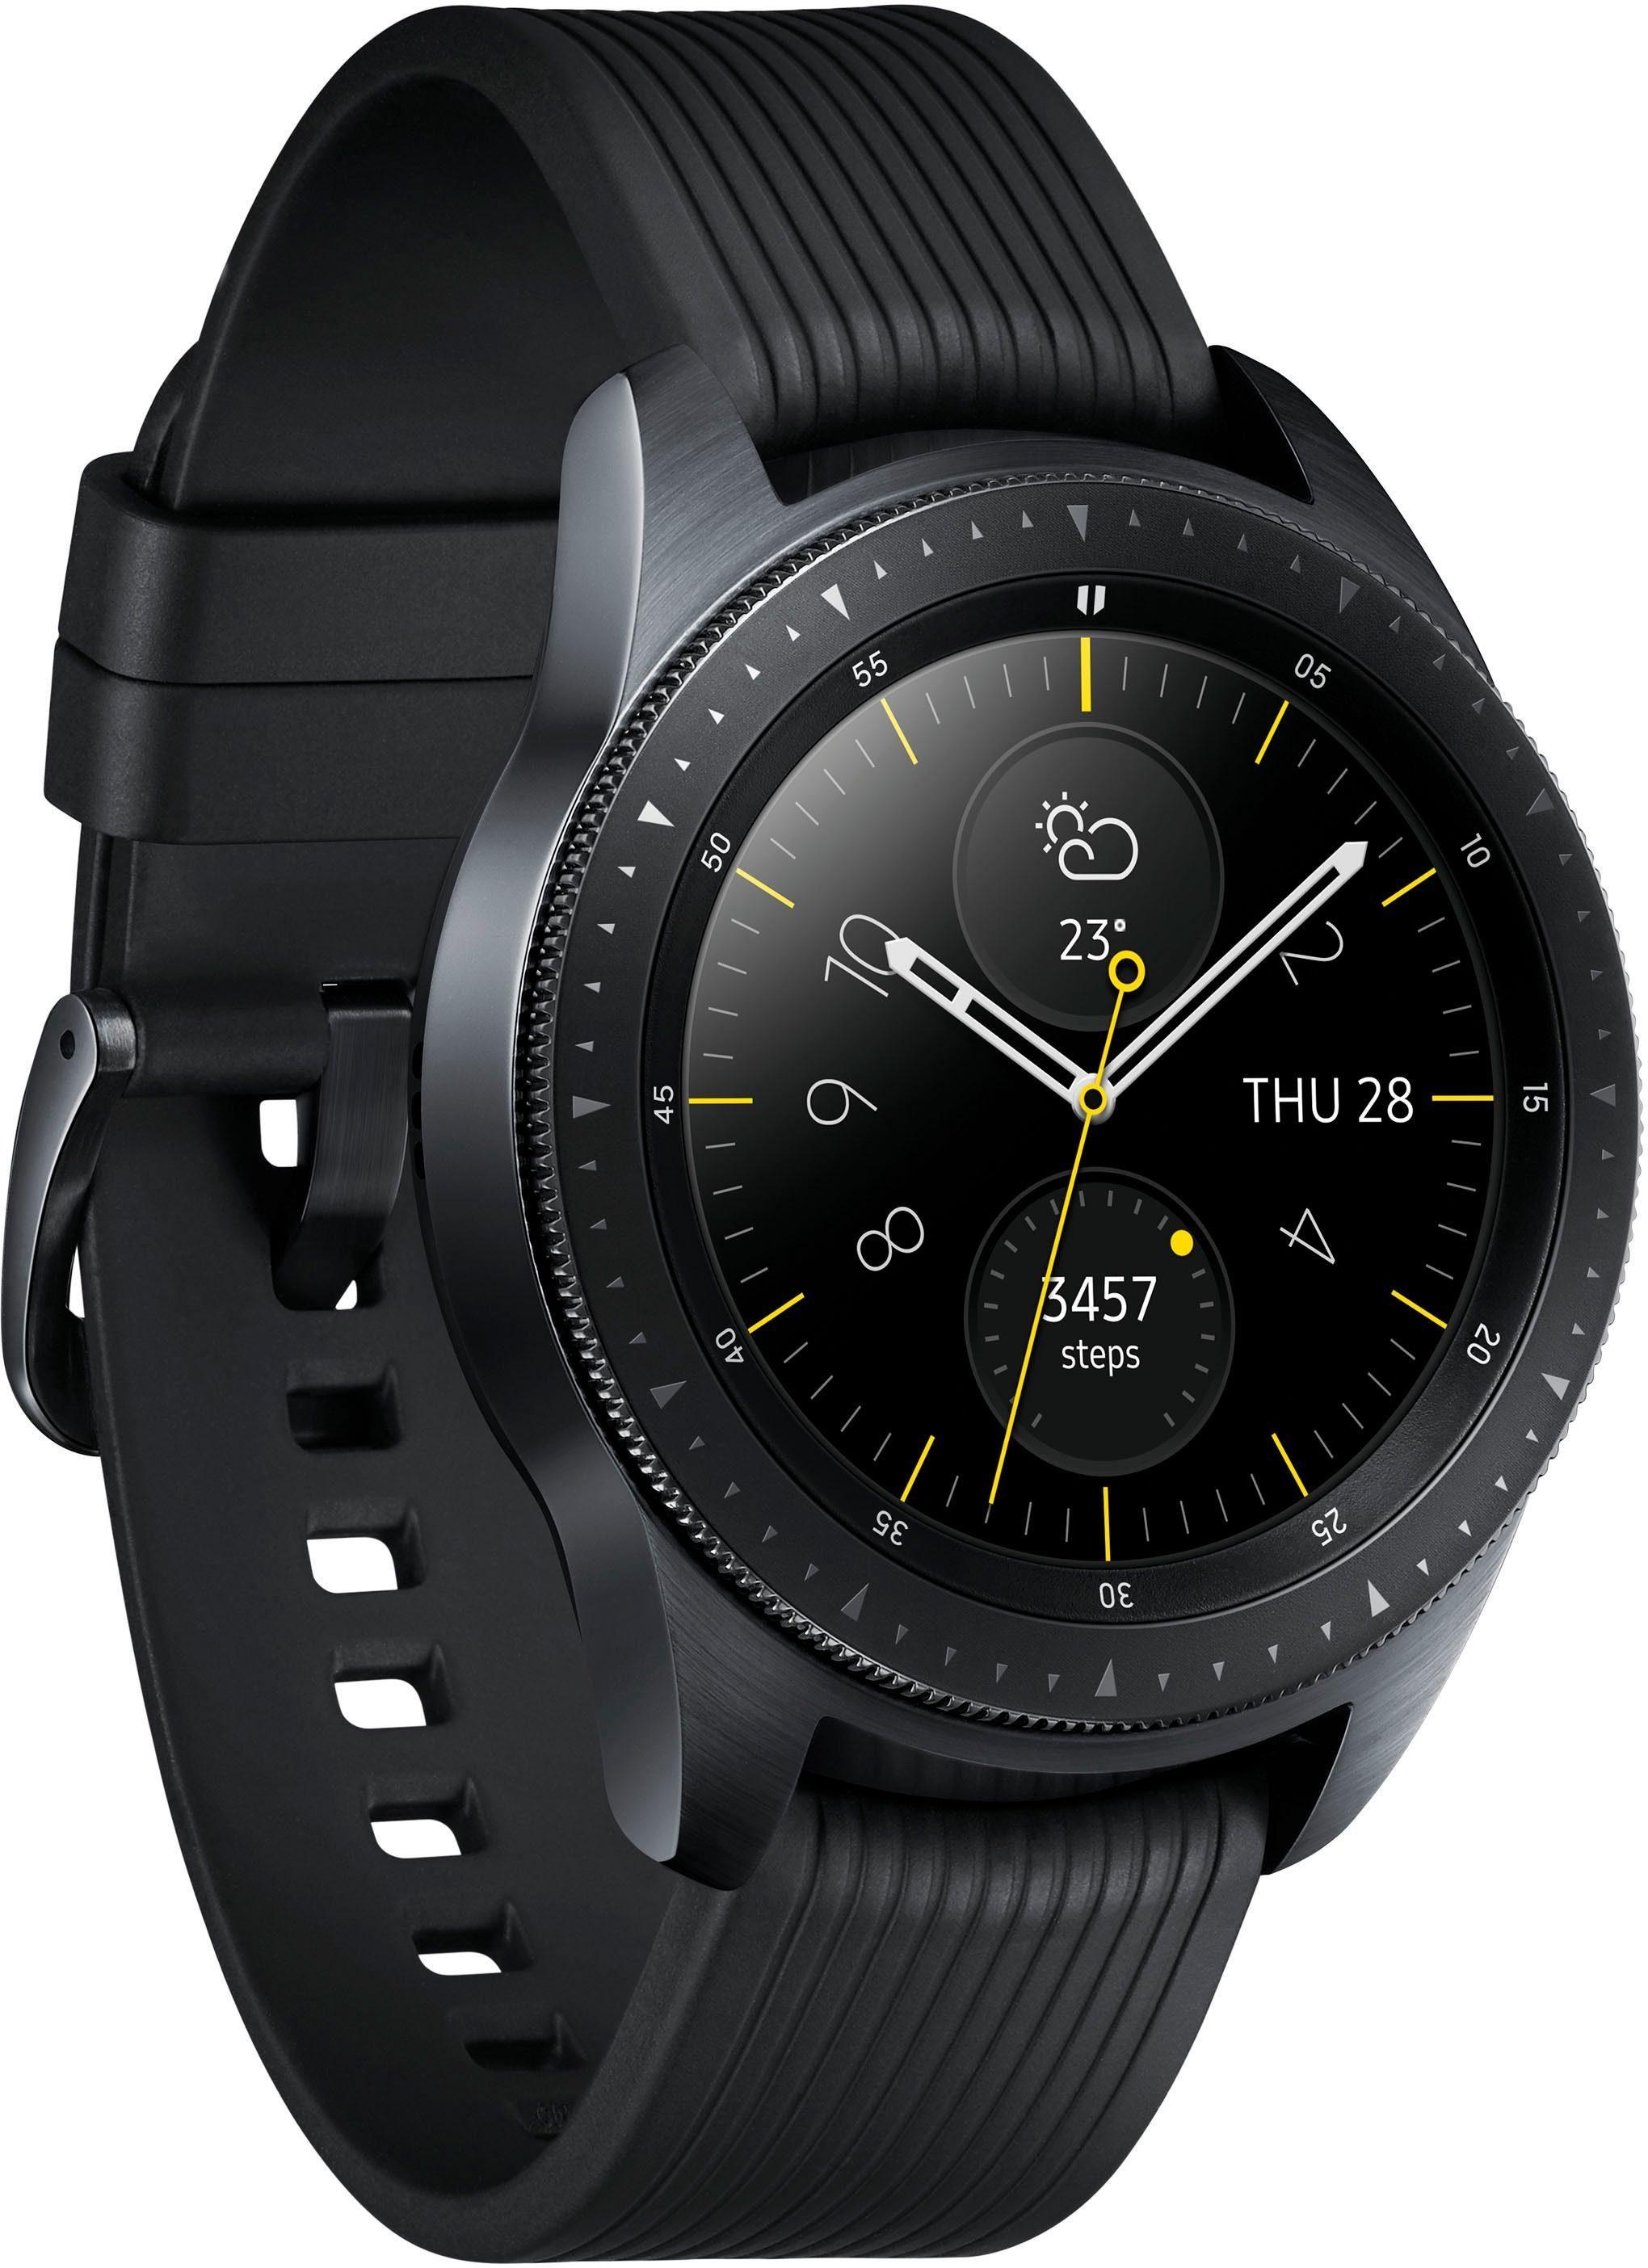 Samsung Galaxy Watch LTE 42mm Smartwatch (3,05 cm1,2 Zoll, Tizen OS) online kaufen | OTTO